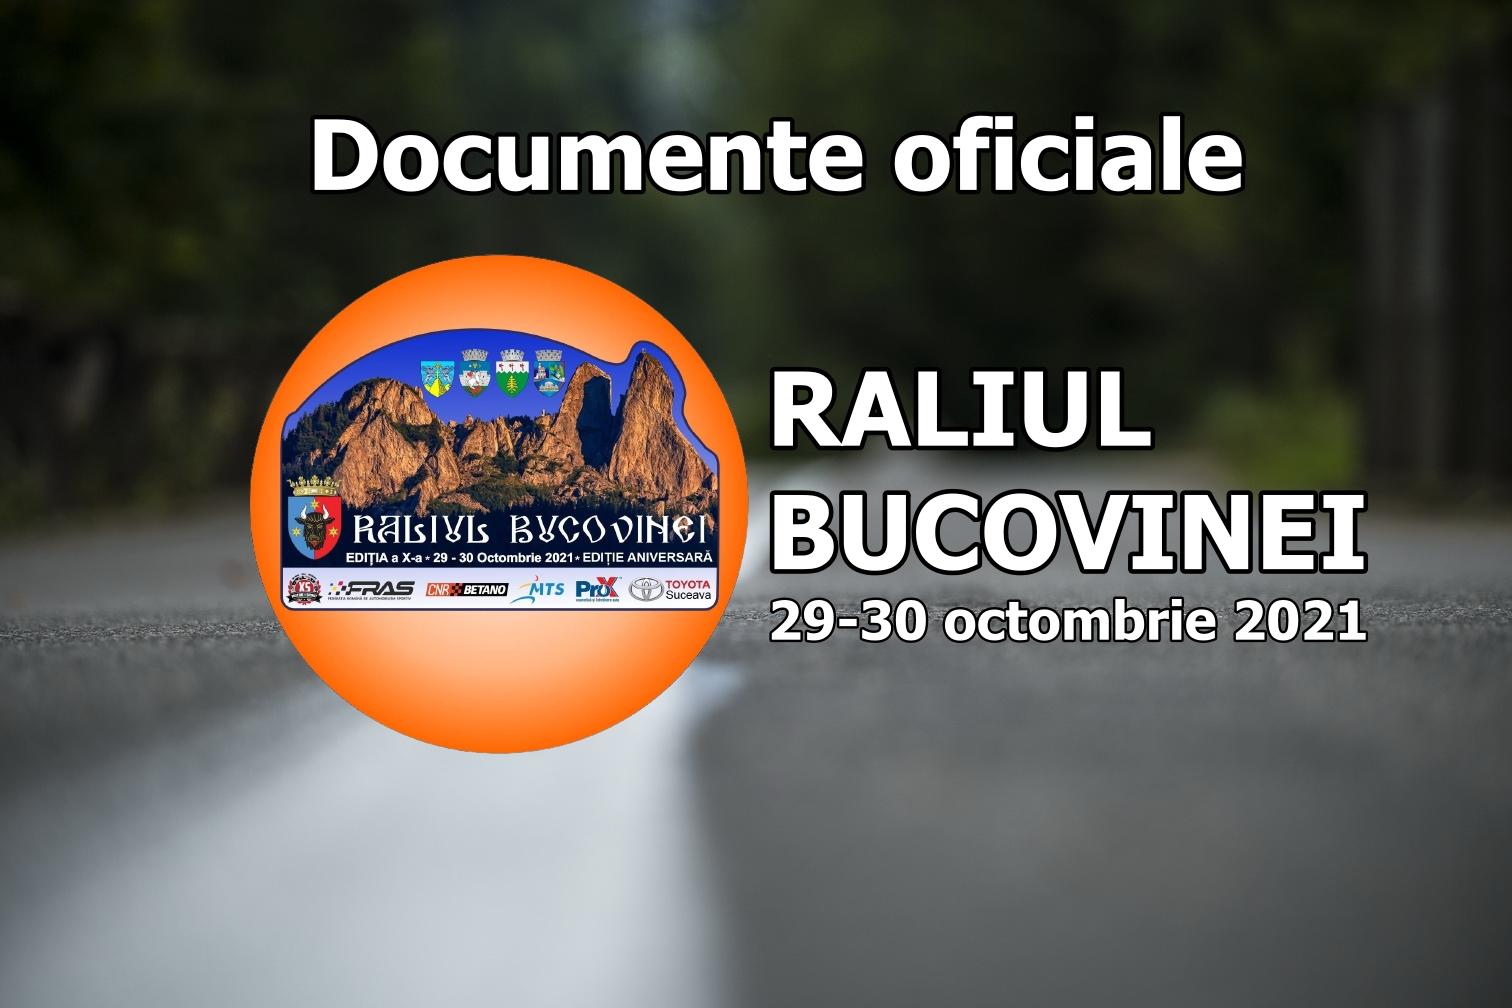 Raliul Bucovinei 2021 – Documente oficiale